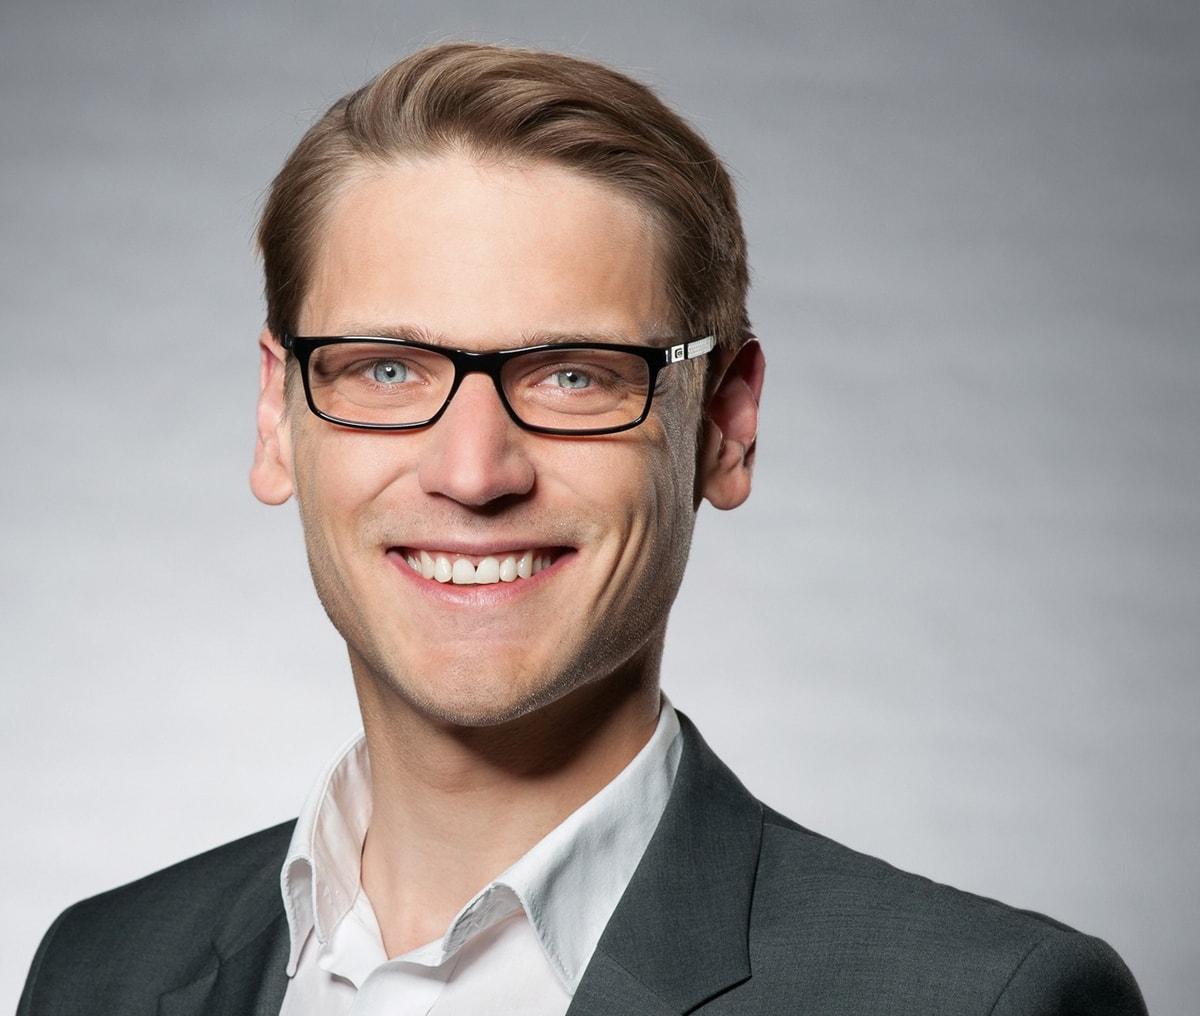 Heiner Sothmann, Pressesprecher der Deutschen Verkehrswacht